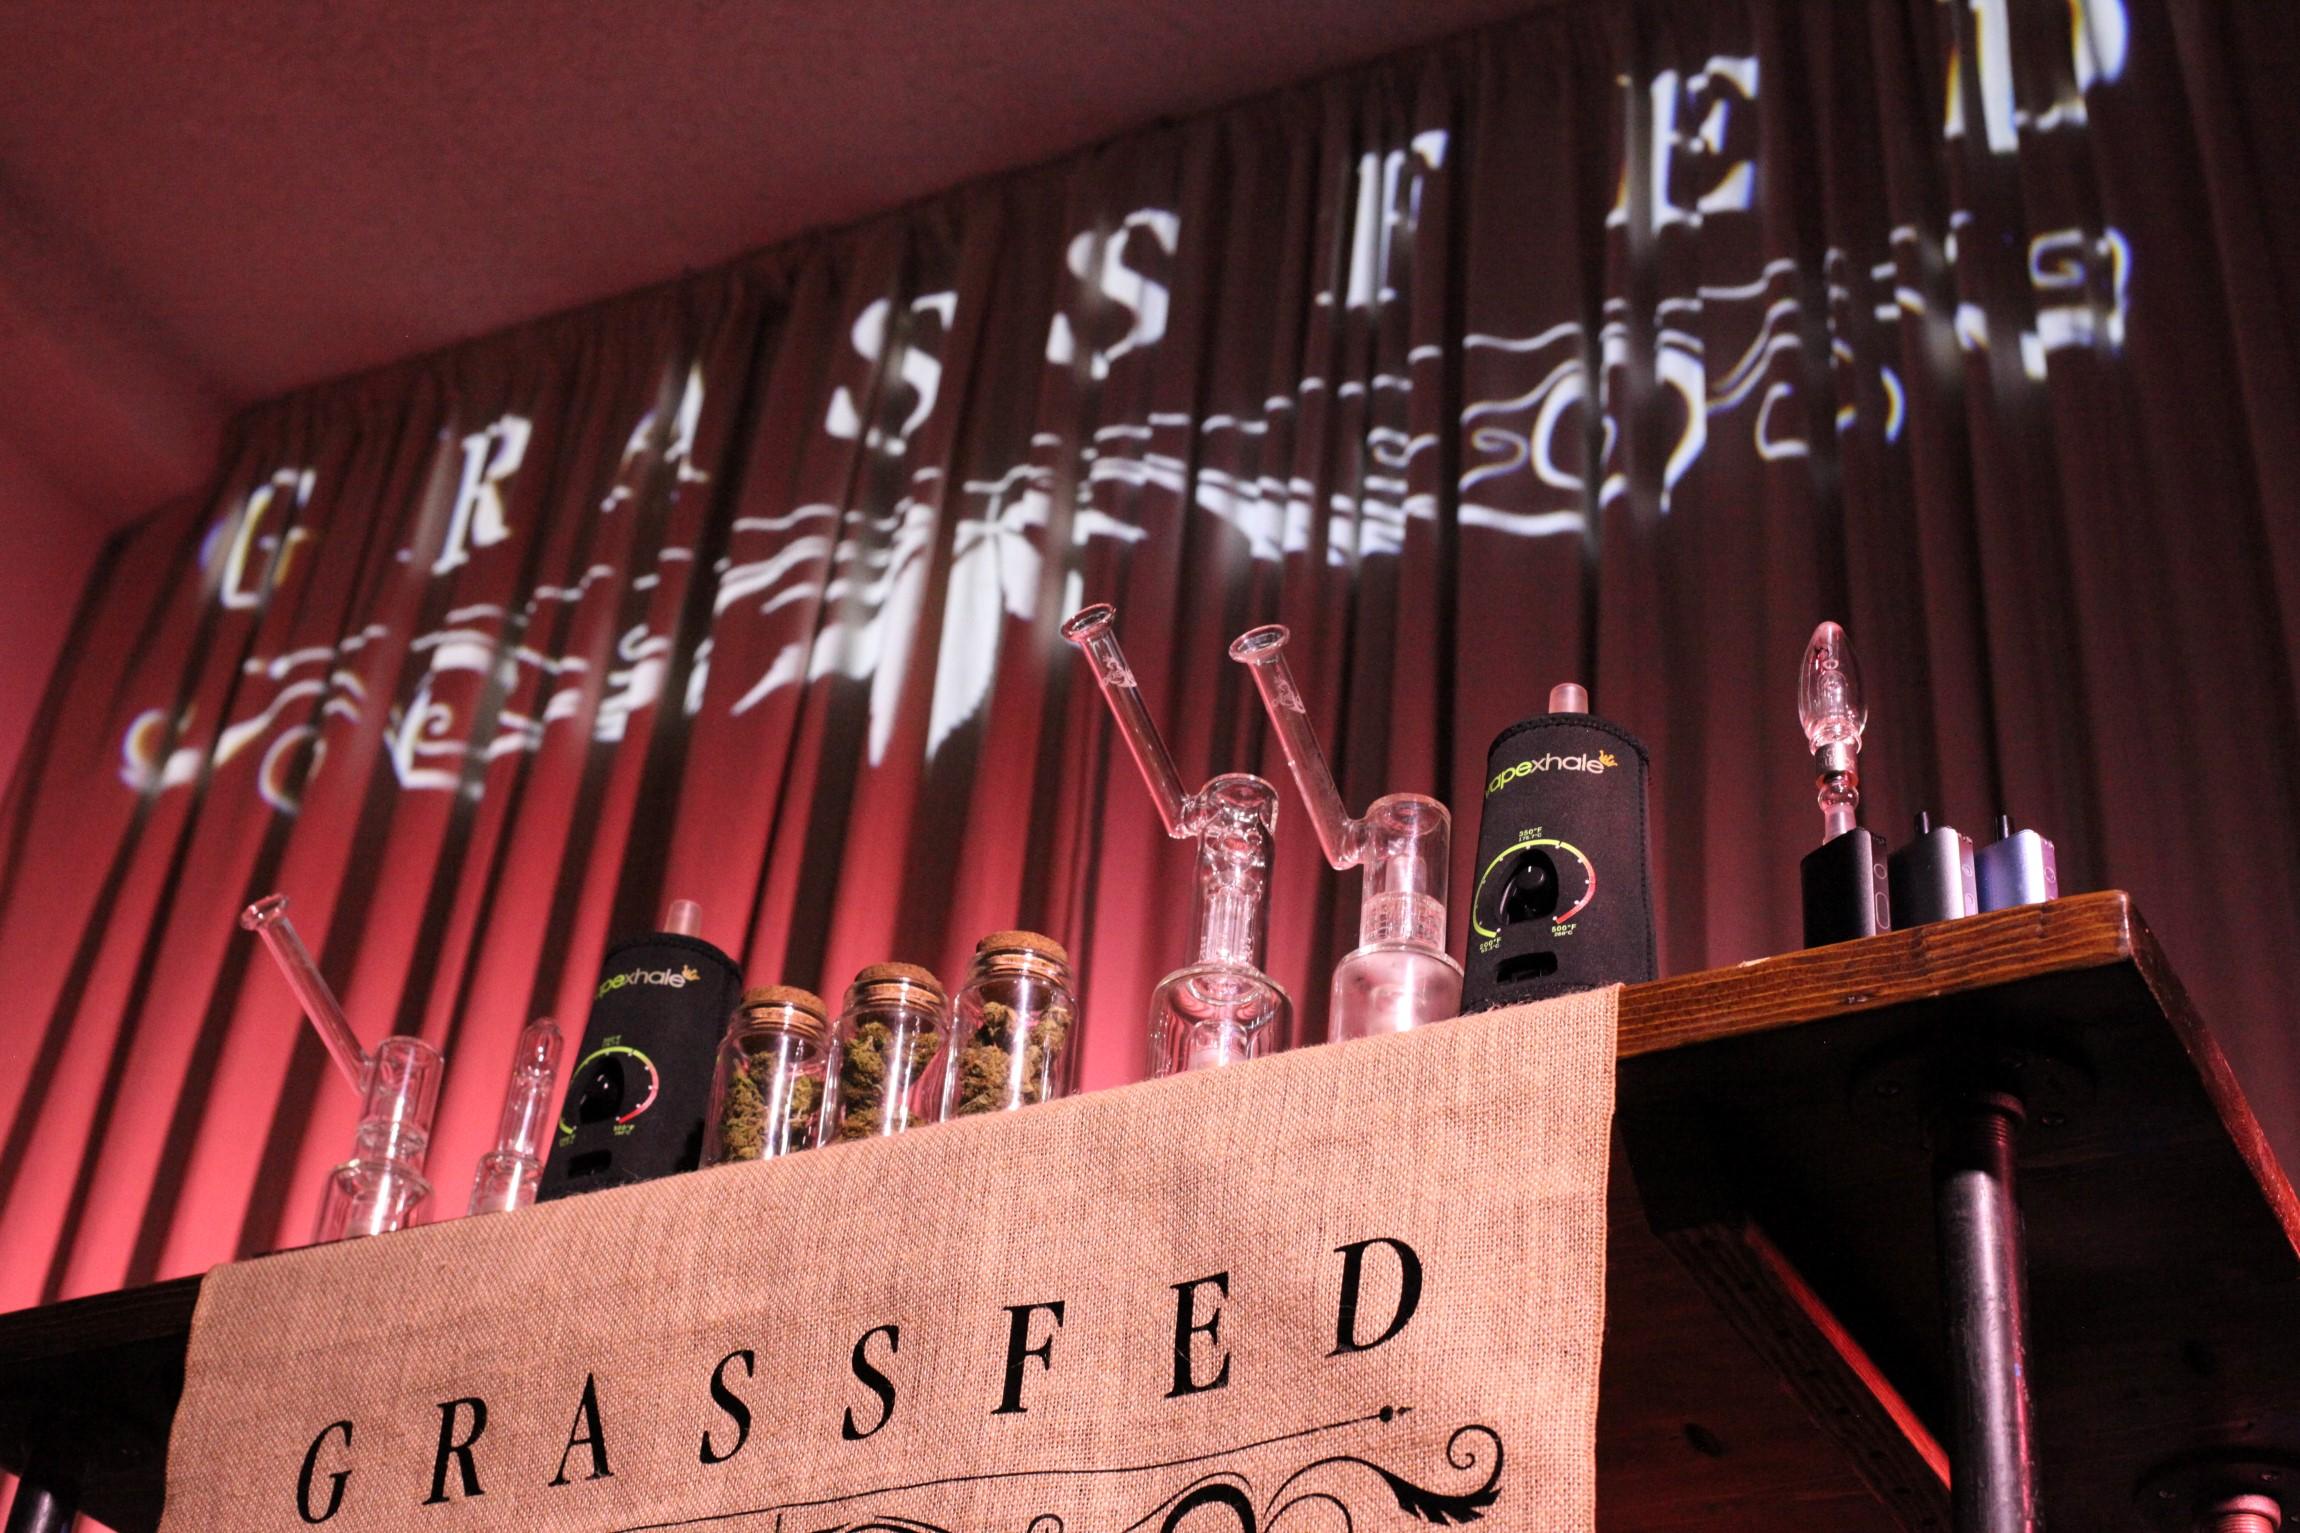 Grassfed Vape Bar